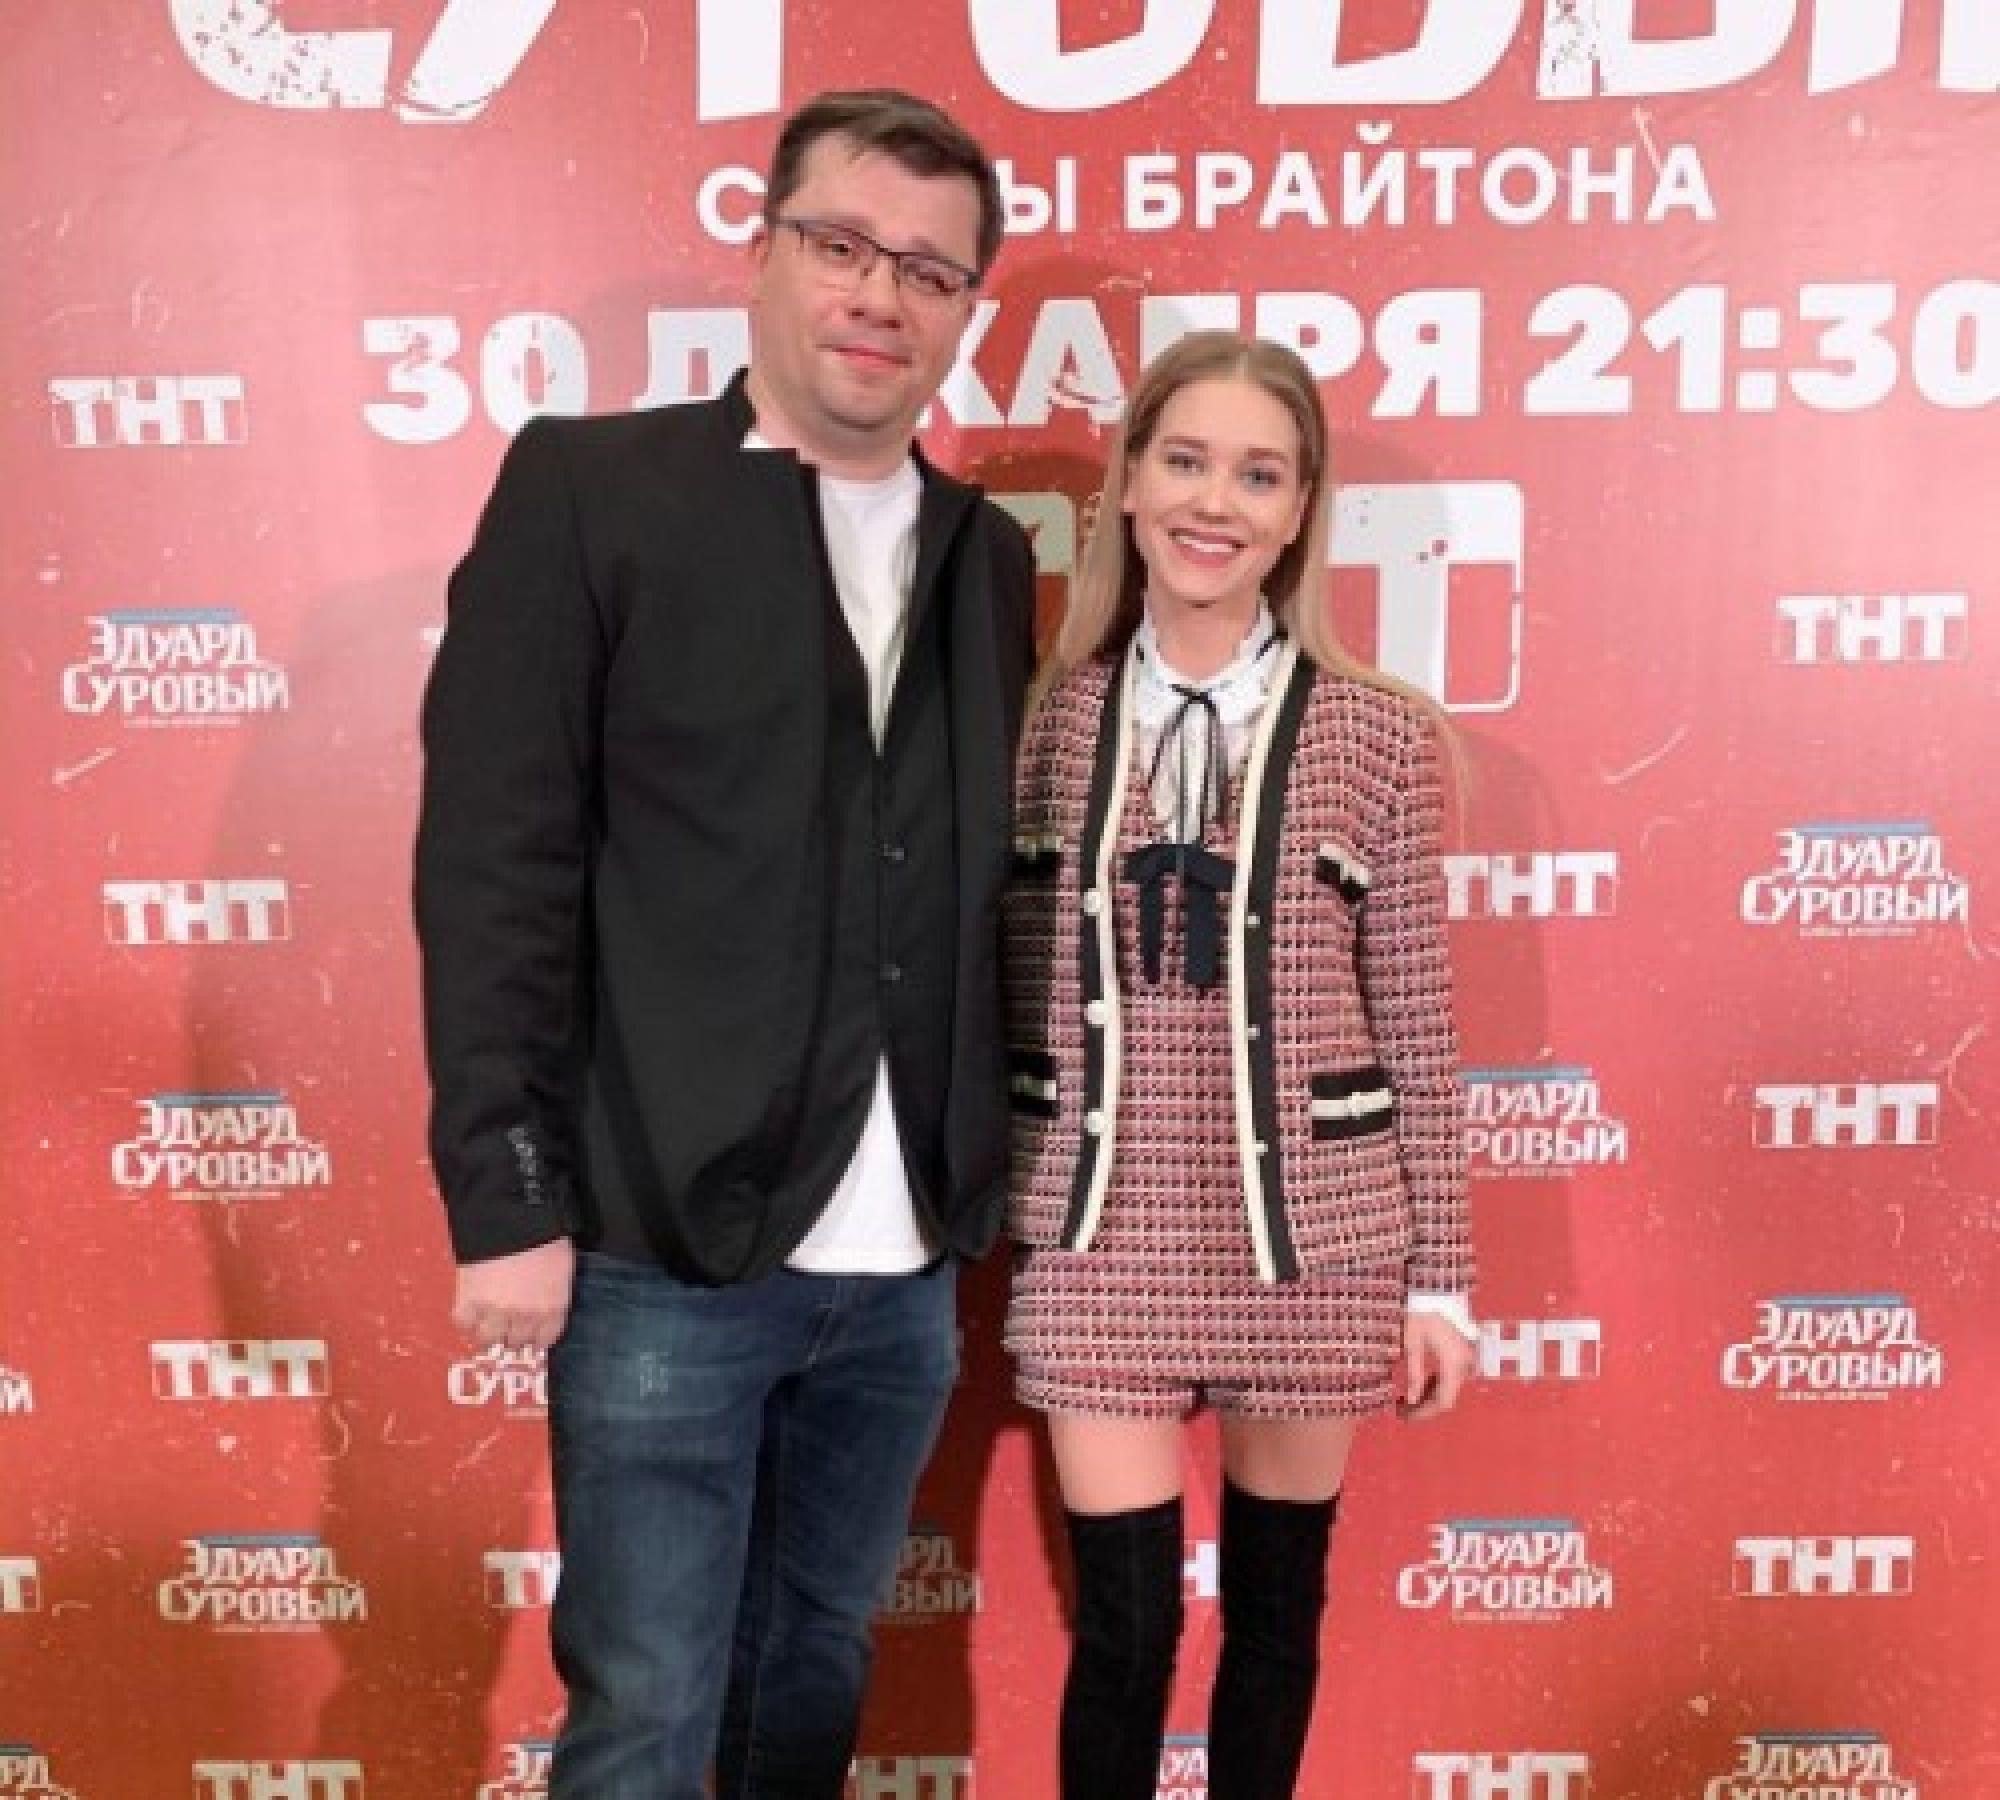 Гарик Харламов получил милое поздравление от Кристины Асмус